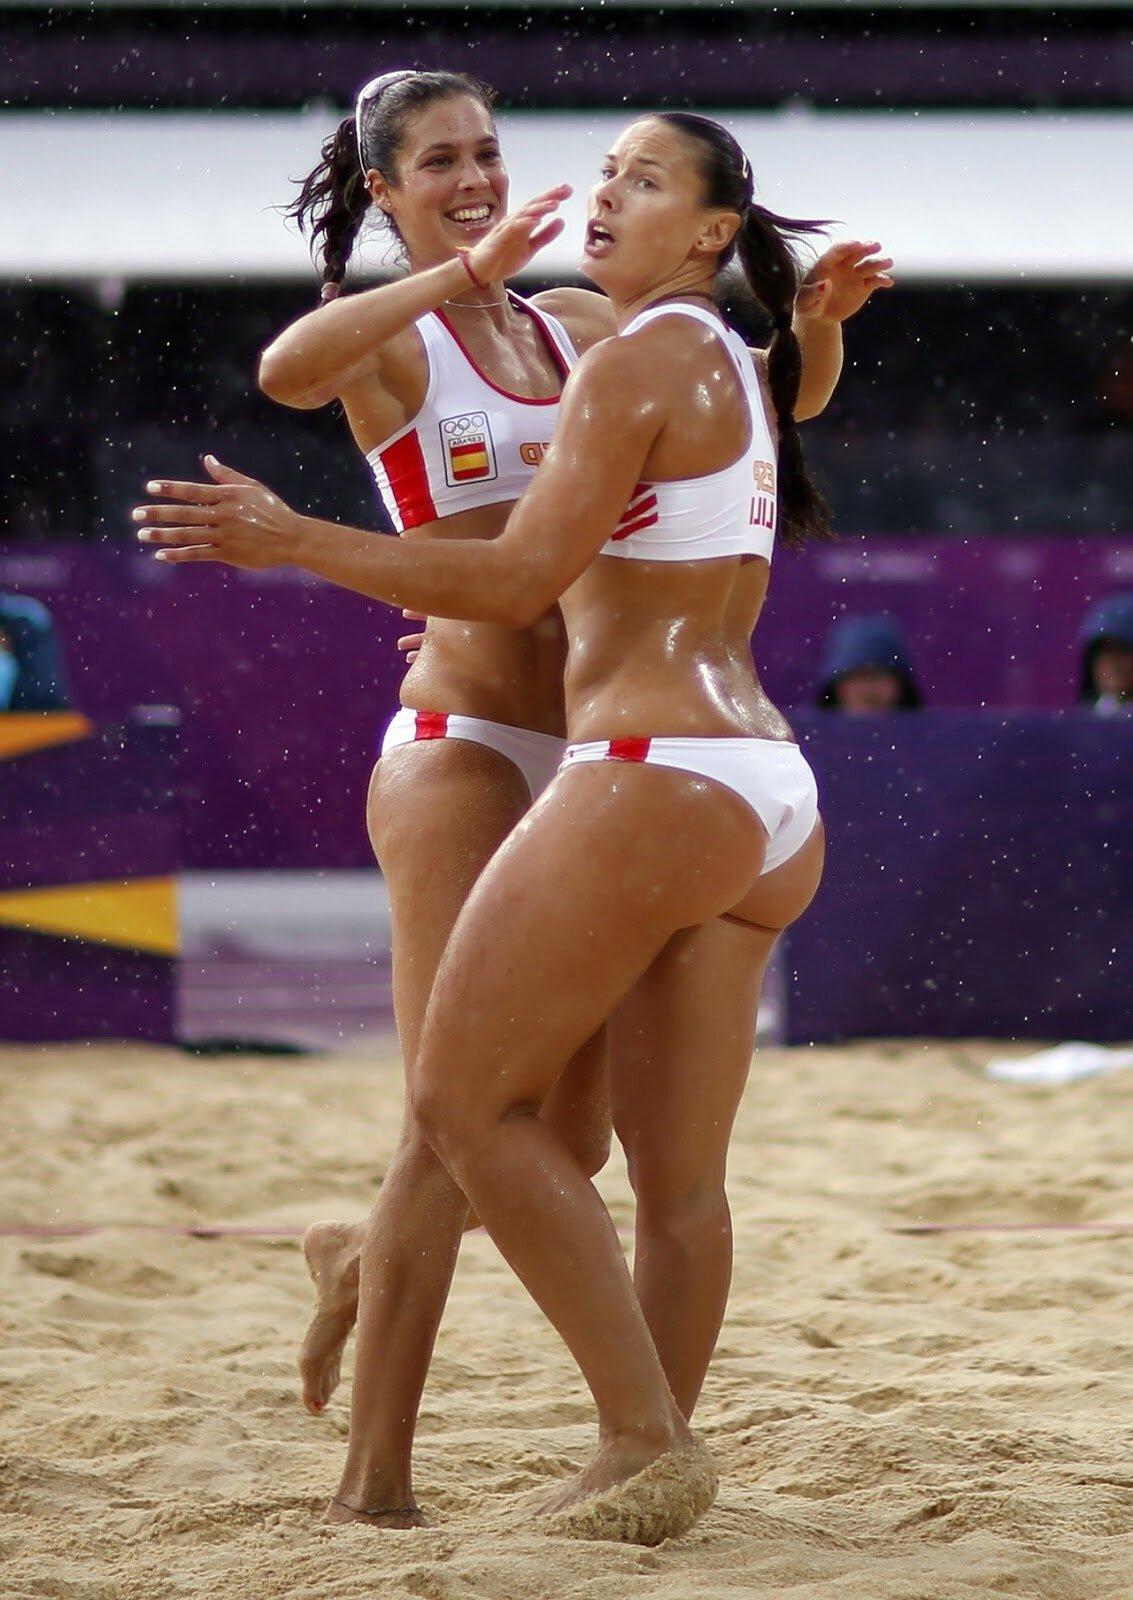 Фото спортсменок северной и южной